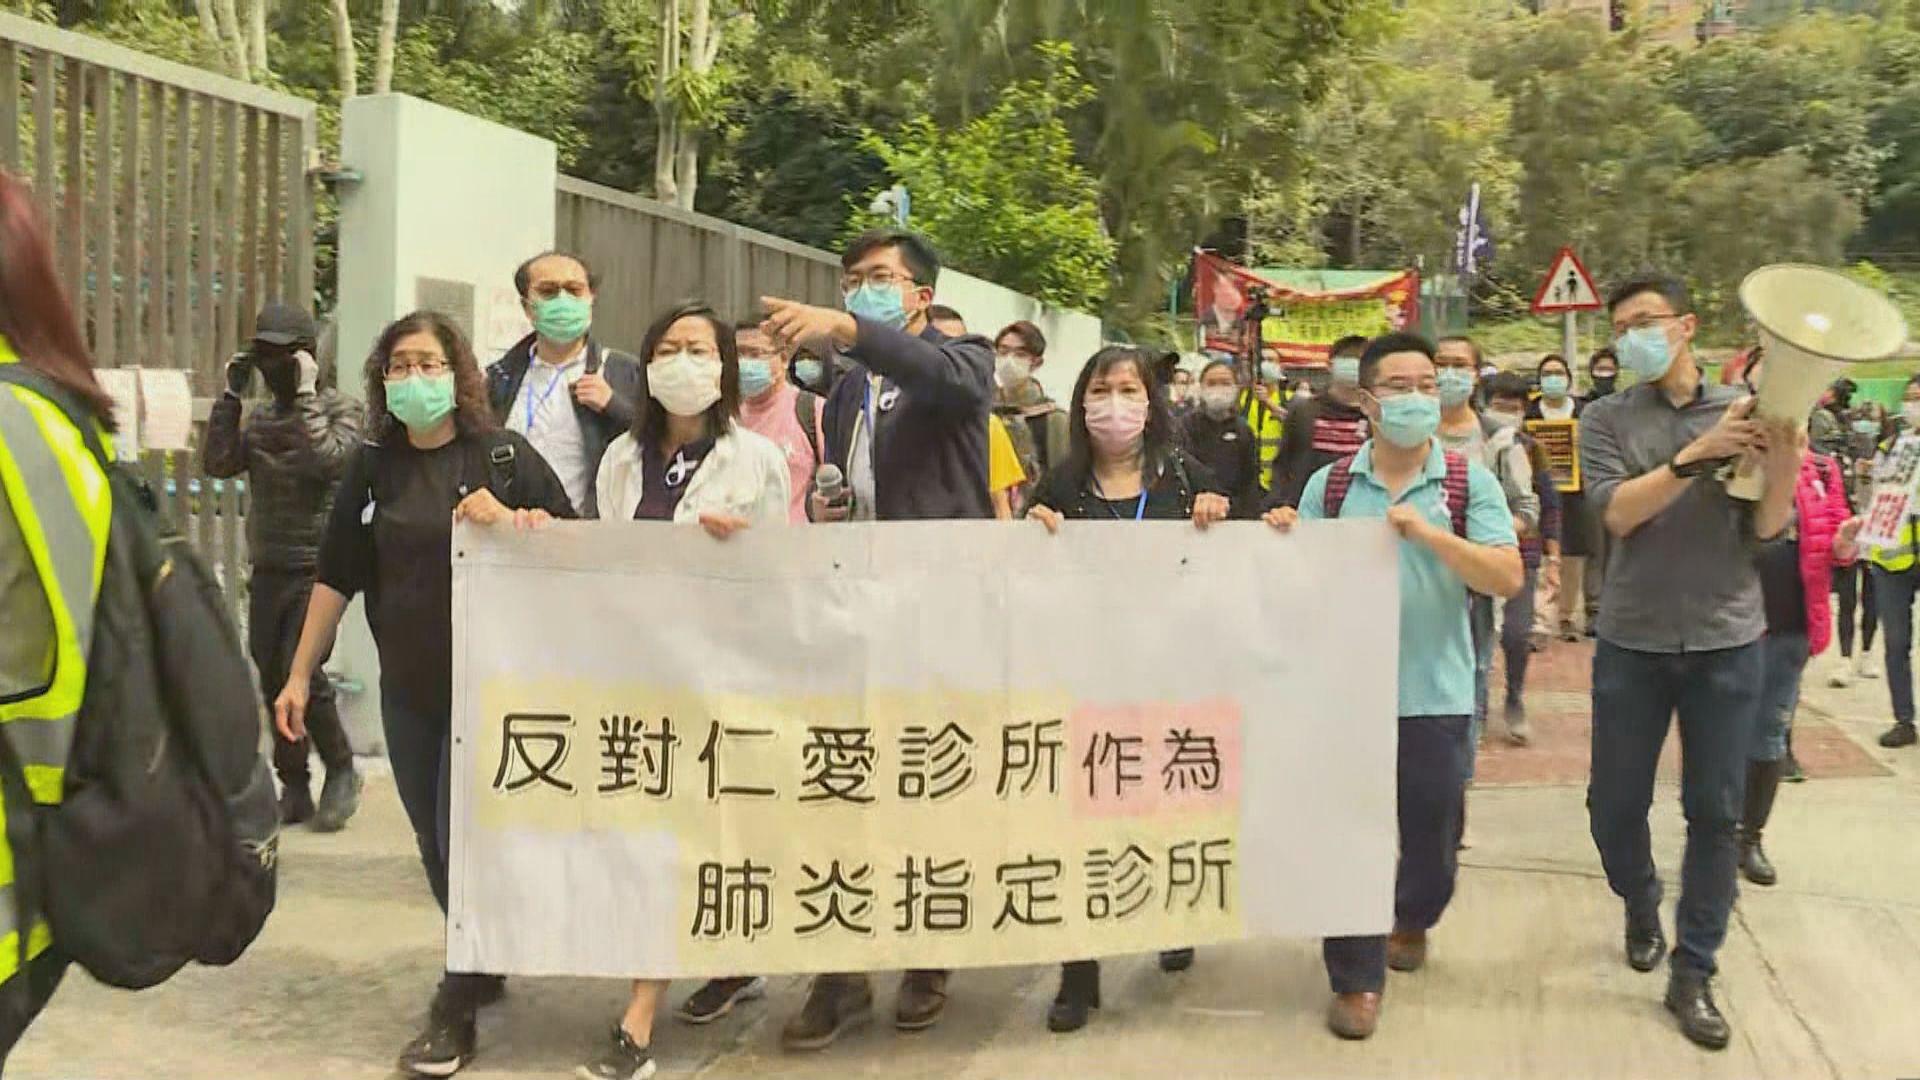 屯門居民遊行反對區內設新型肺炎指定診所